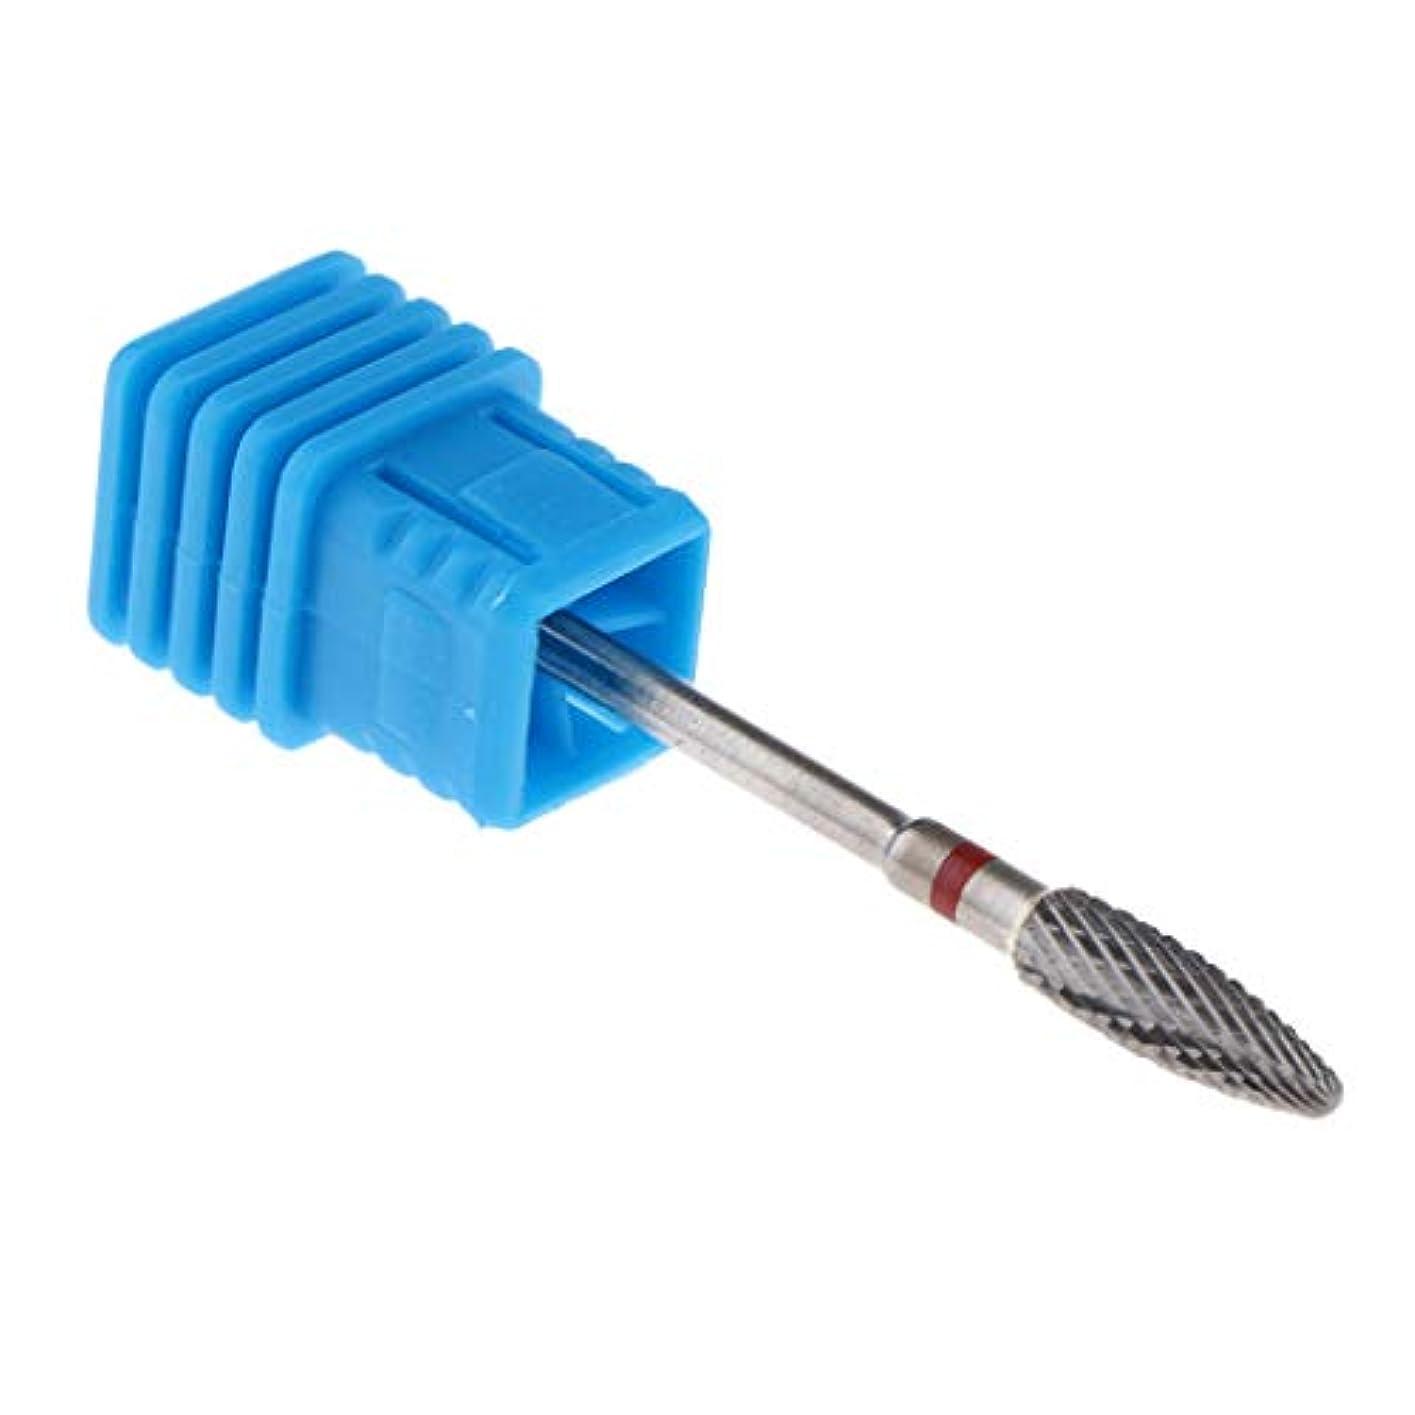 聞きます打ち負かす郵便番号電気ネイルドリルビット 磨き 研磨ヘッド アクリルの釘 ネイルアート研削ビット 5サイズ - No.03